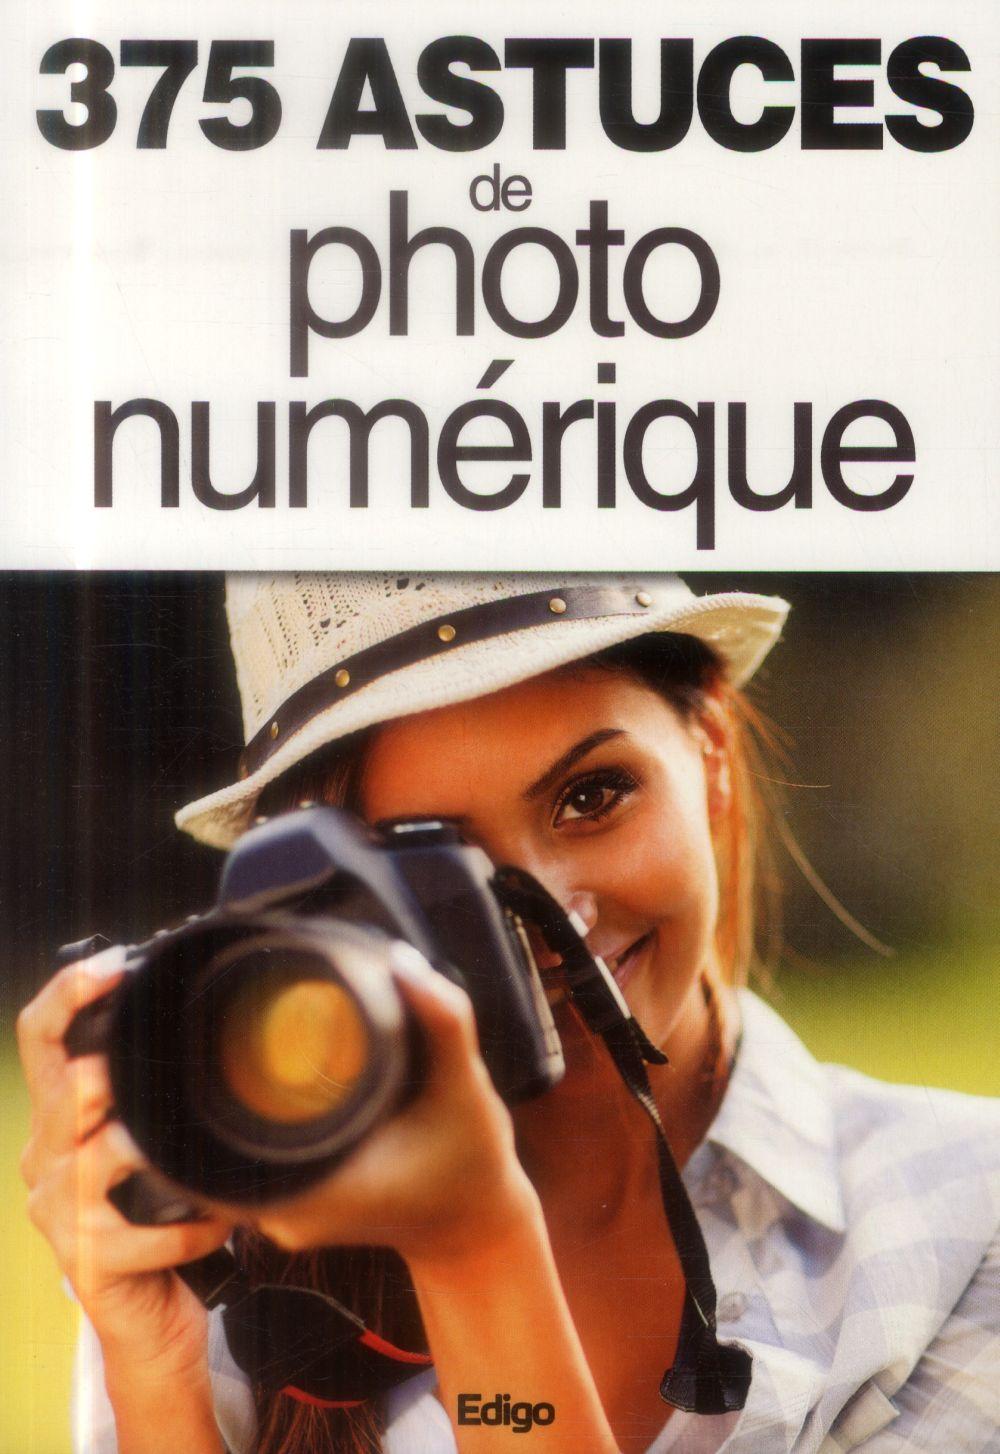 375 astuces de photo numérique